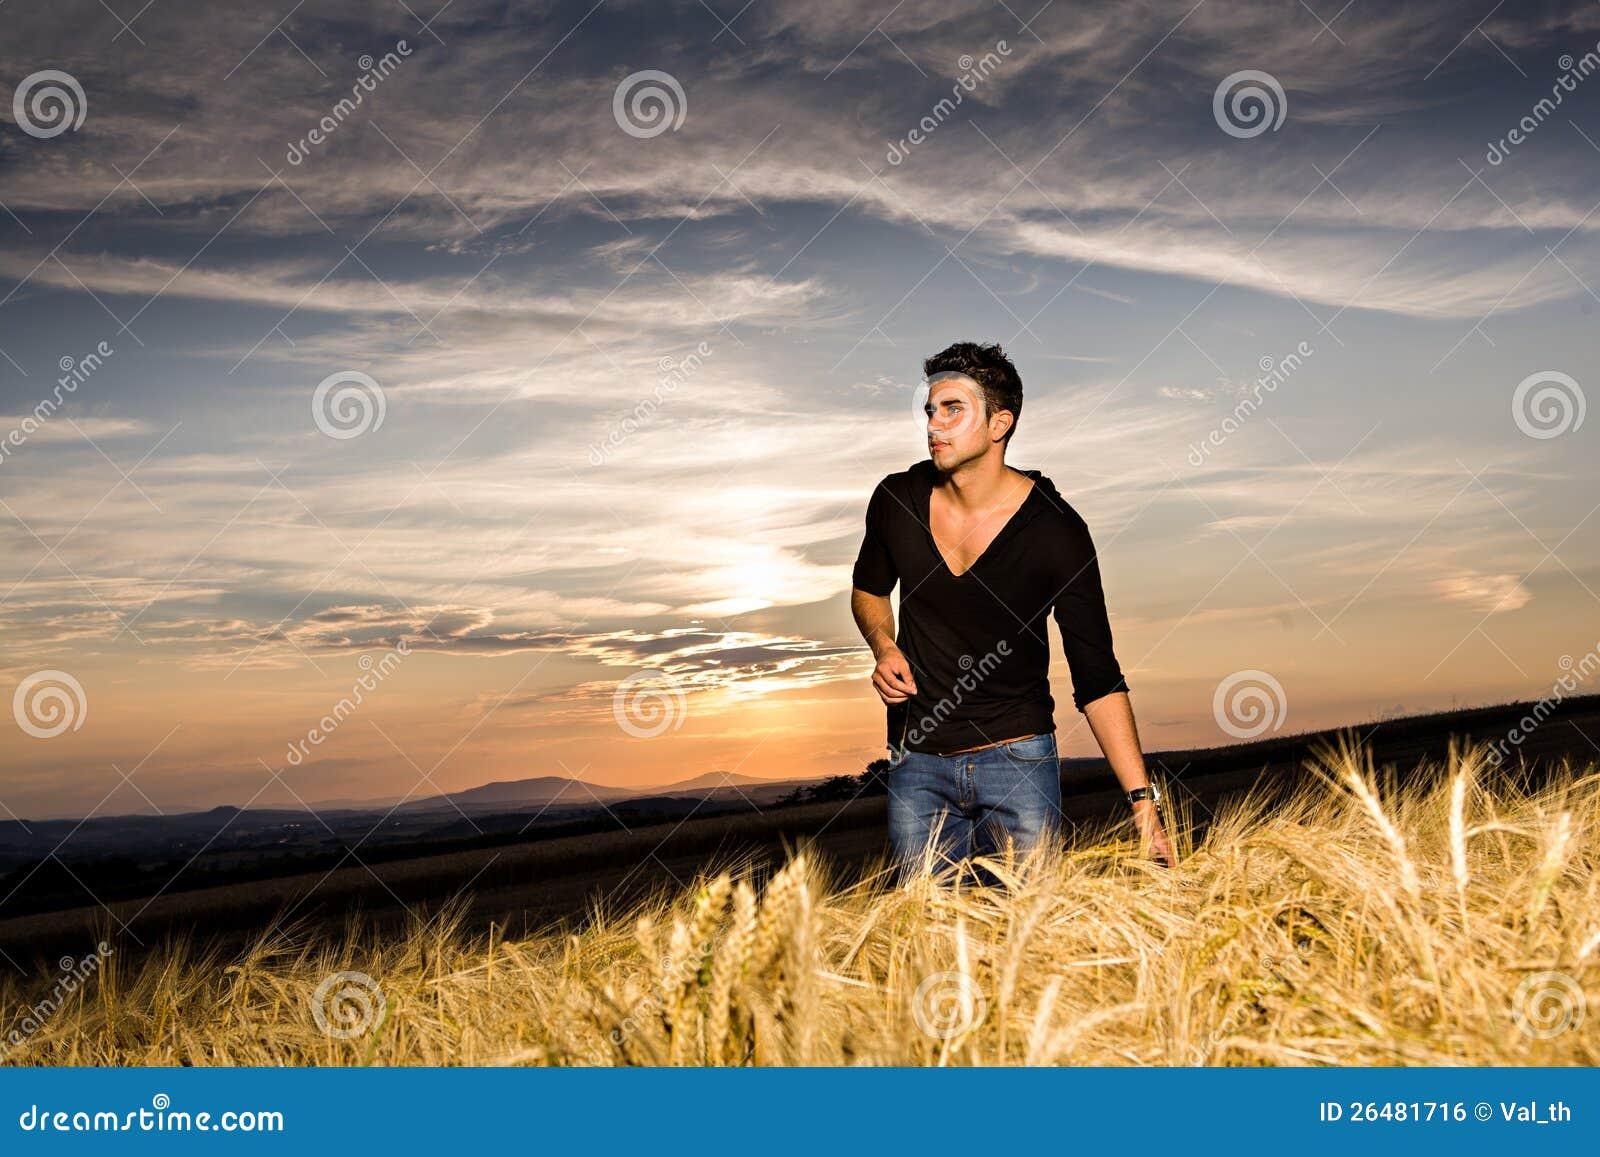 Outdoor portrait of man